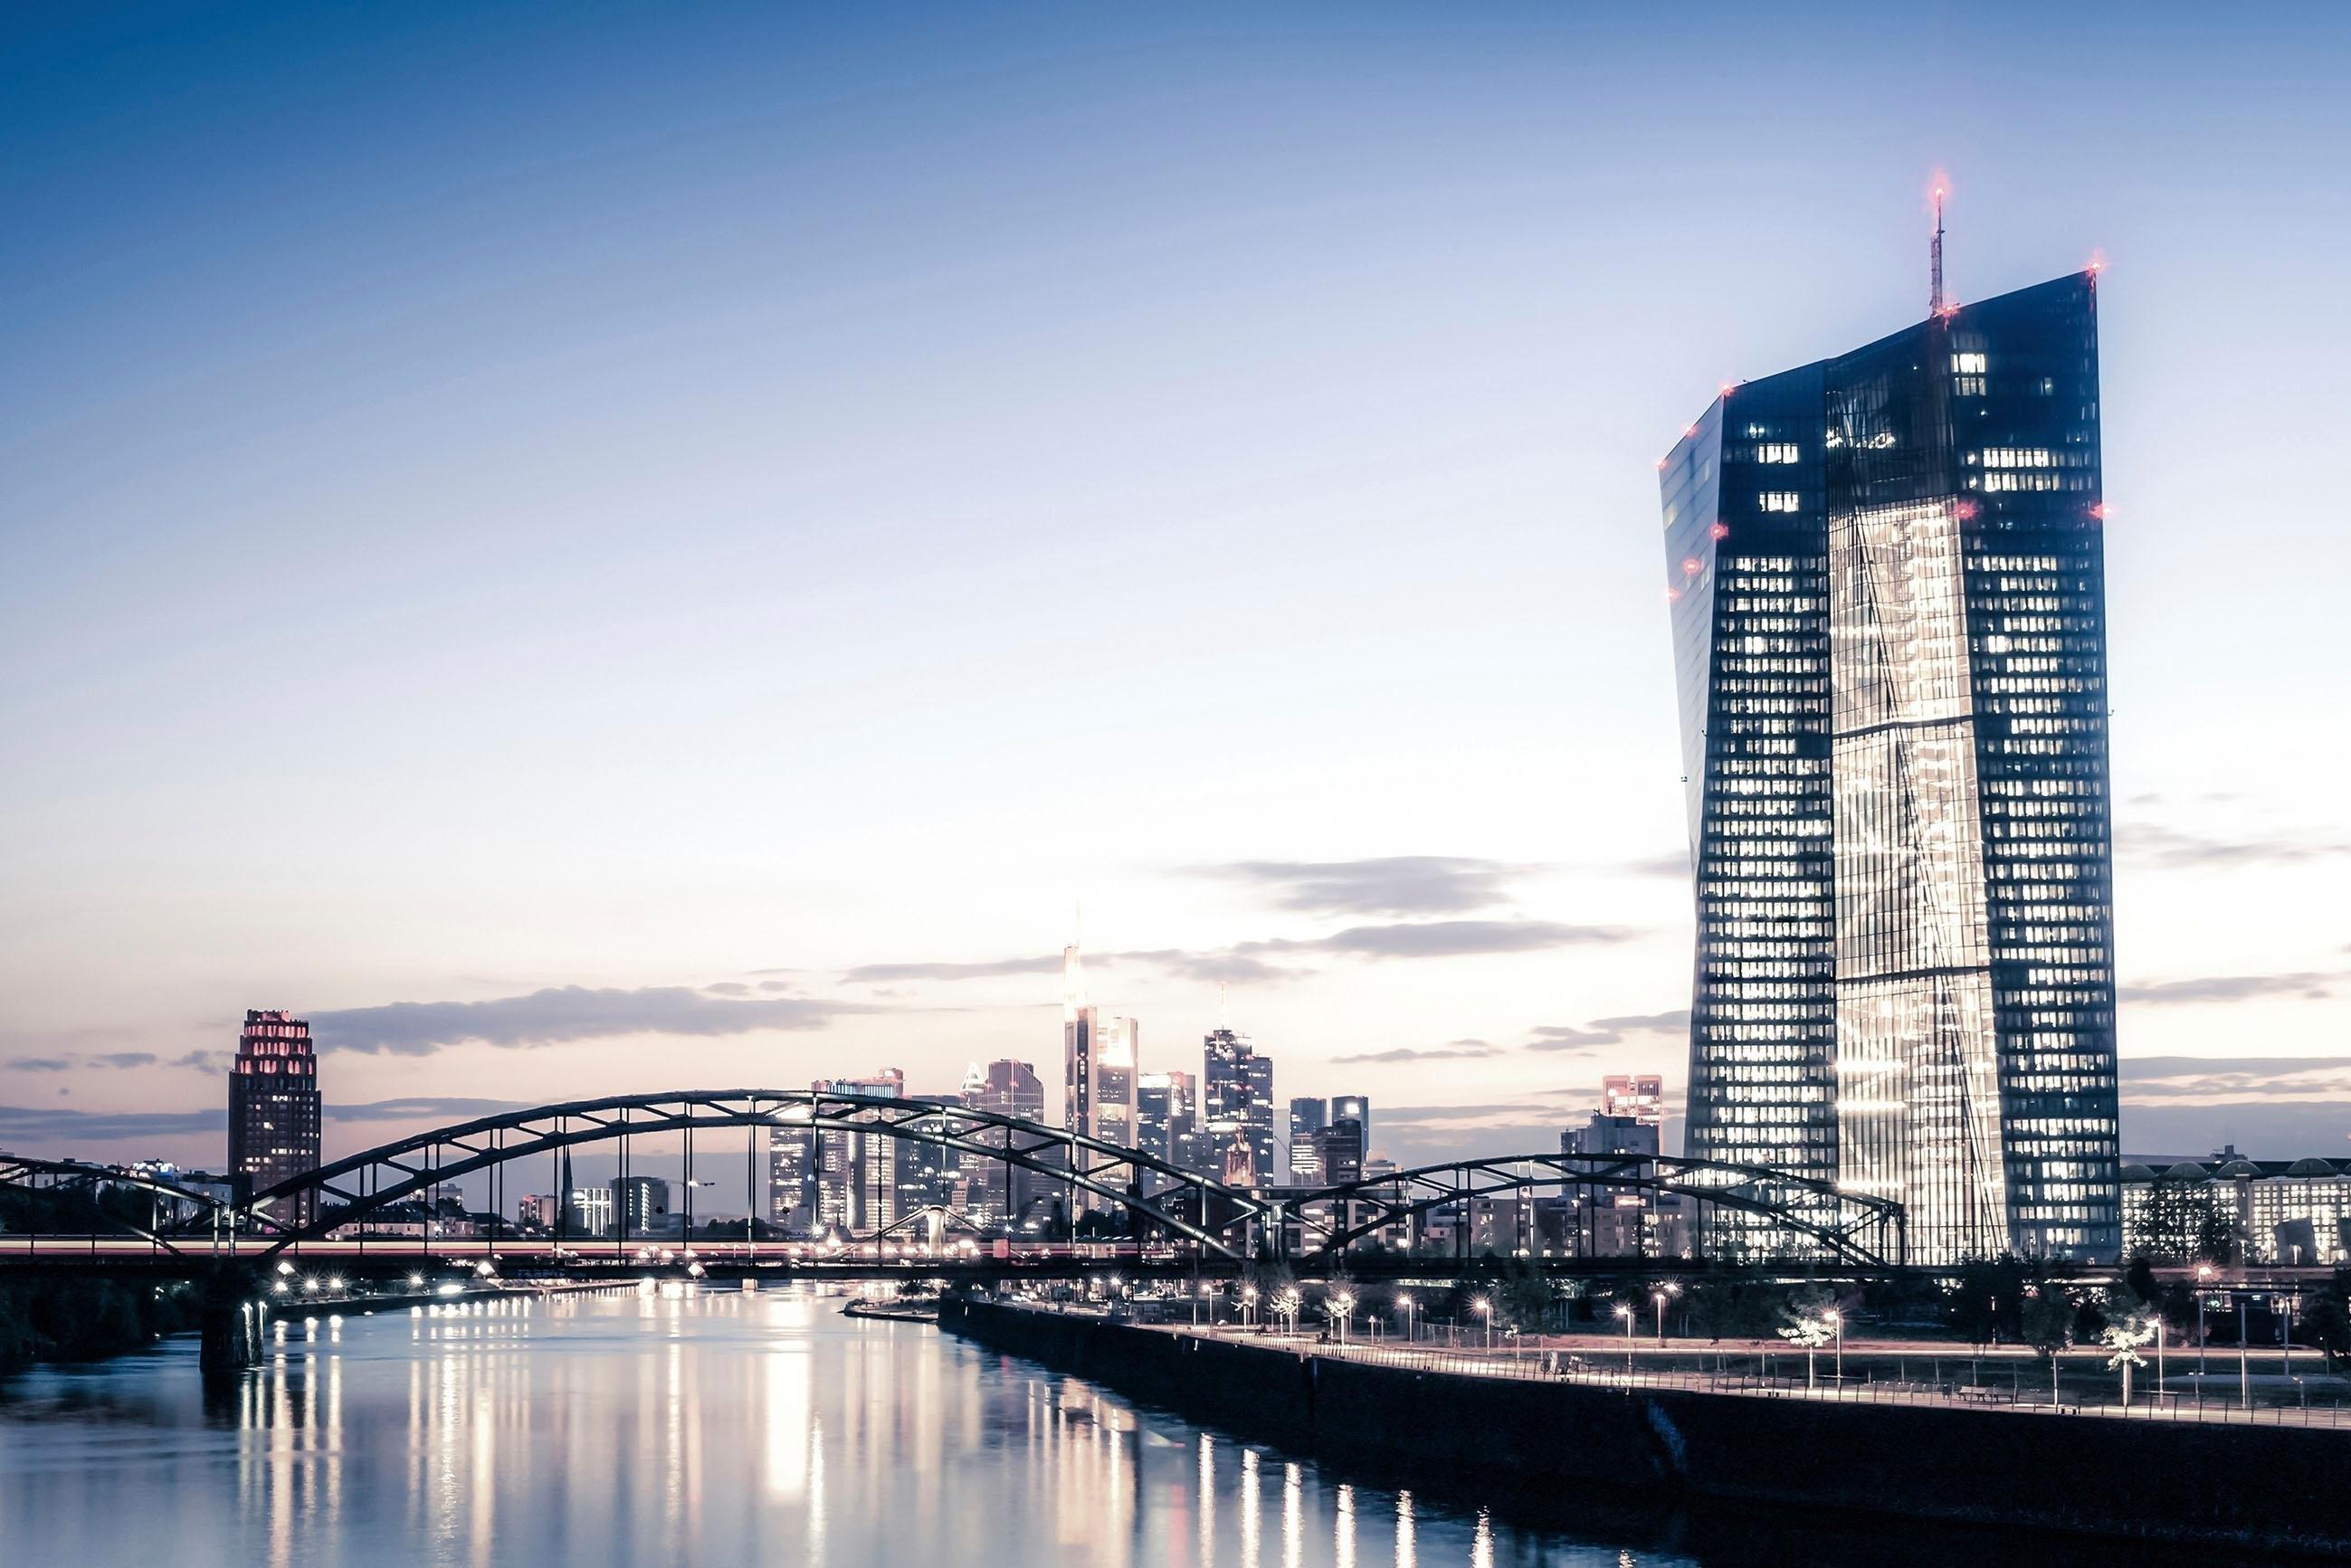 Op zoek naar een Places of Style artprint op acrylglas Skyline? Koop online bij OTTO